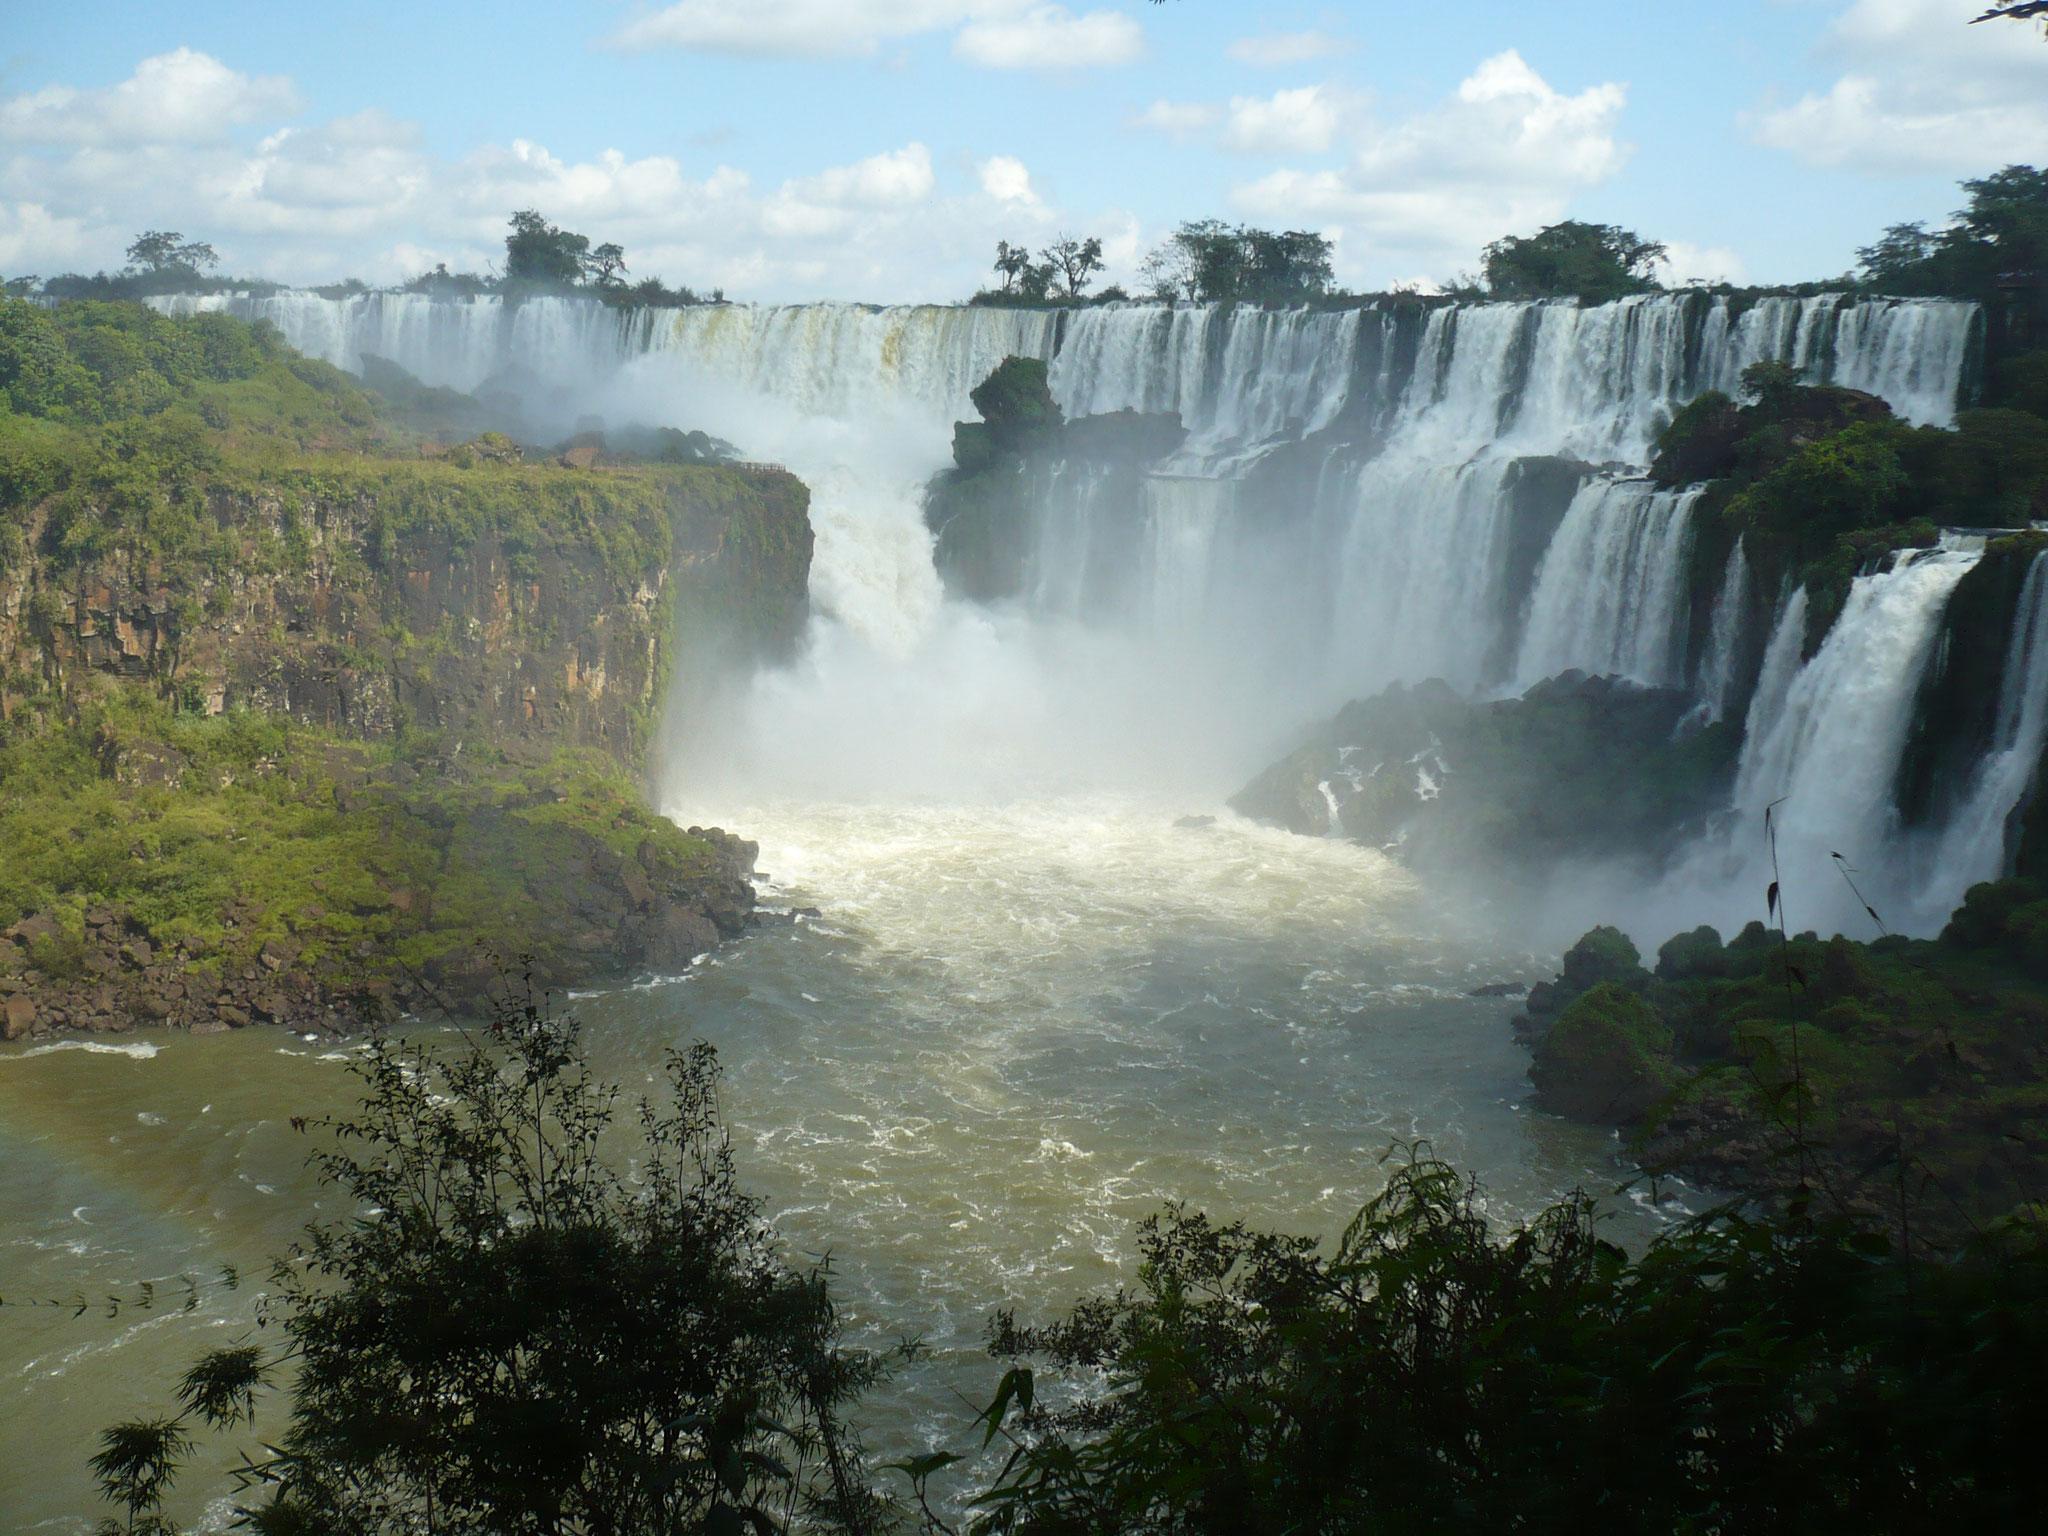 Iguazu-Wasserfälle in Argentinien ©RonjaHöfers